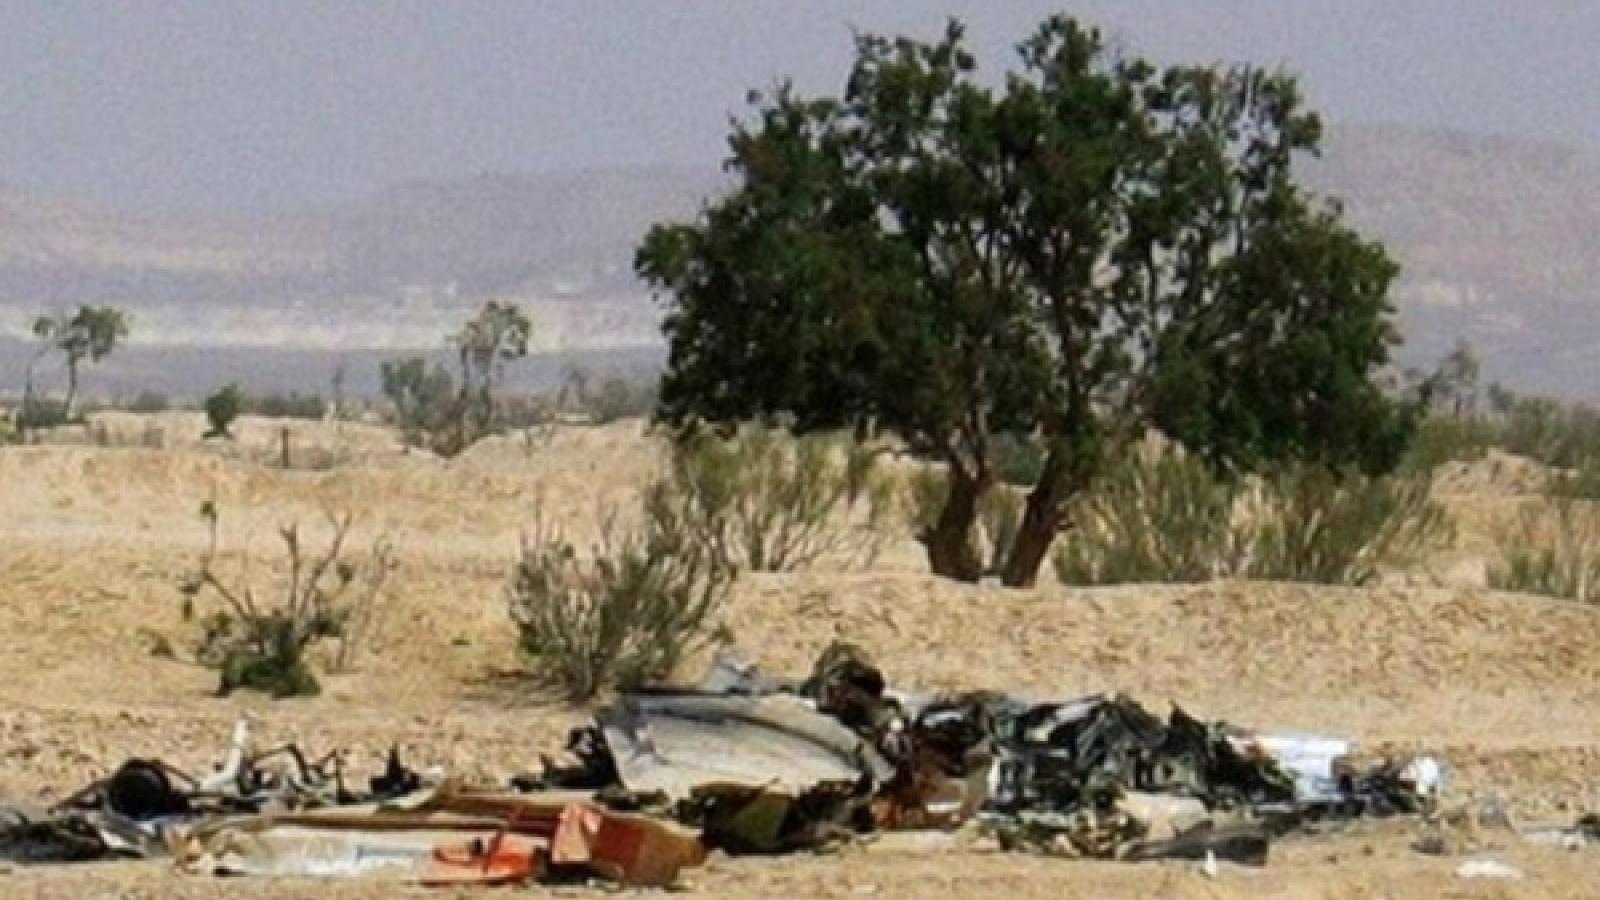 Rơi trực thăng ở Sinai (Ai Cập), 7 quân nhân thiệt mạng